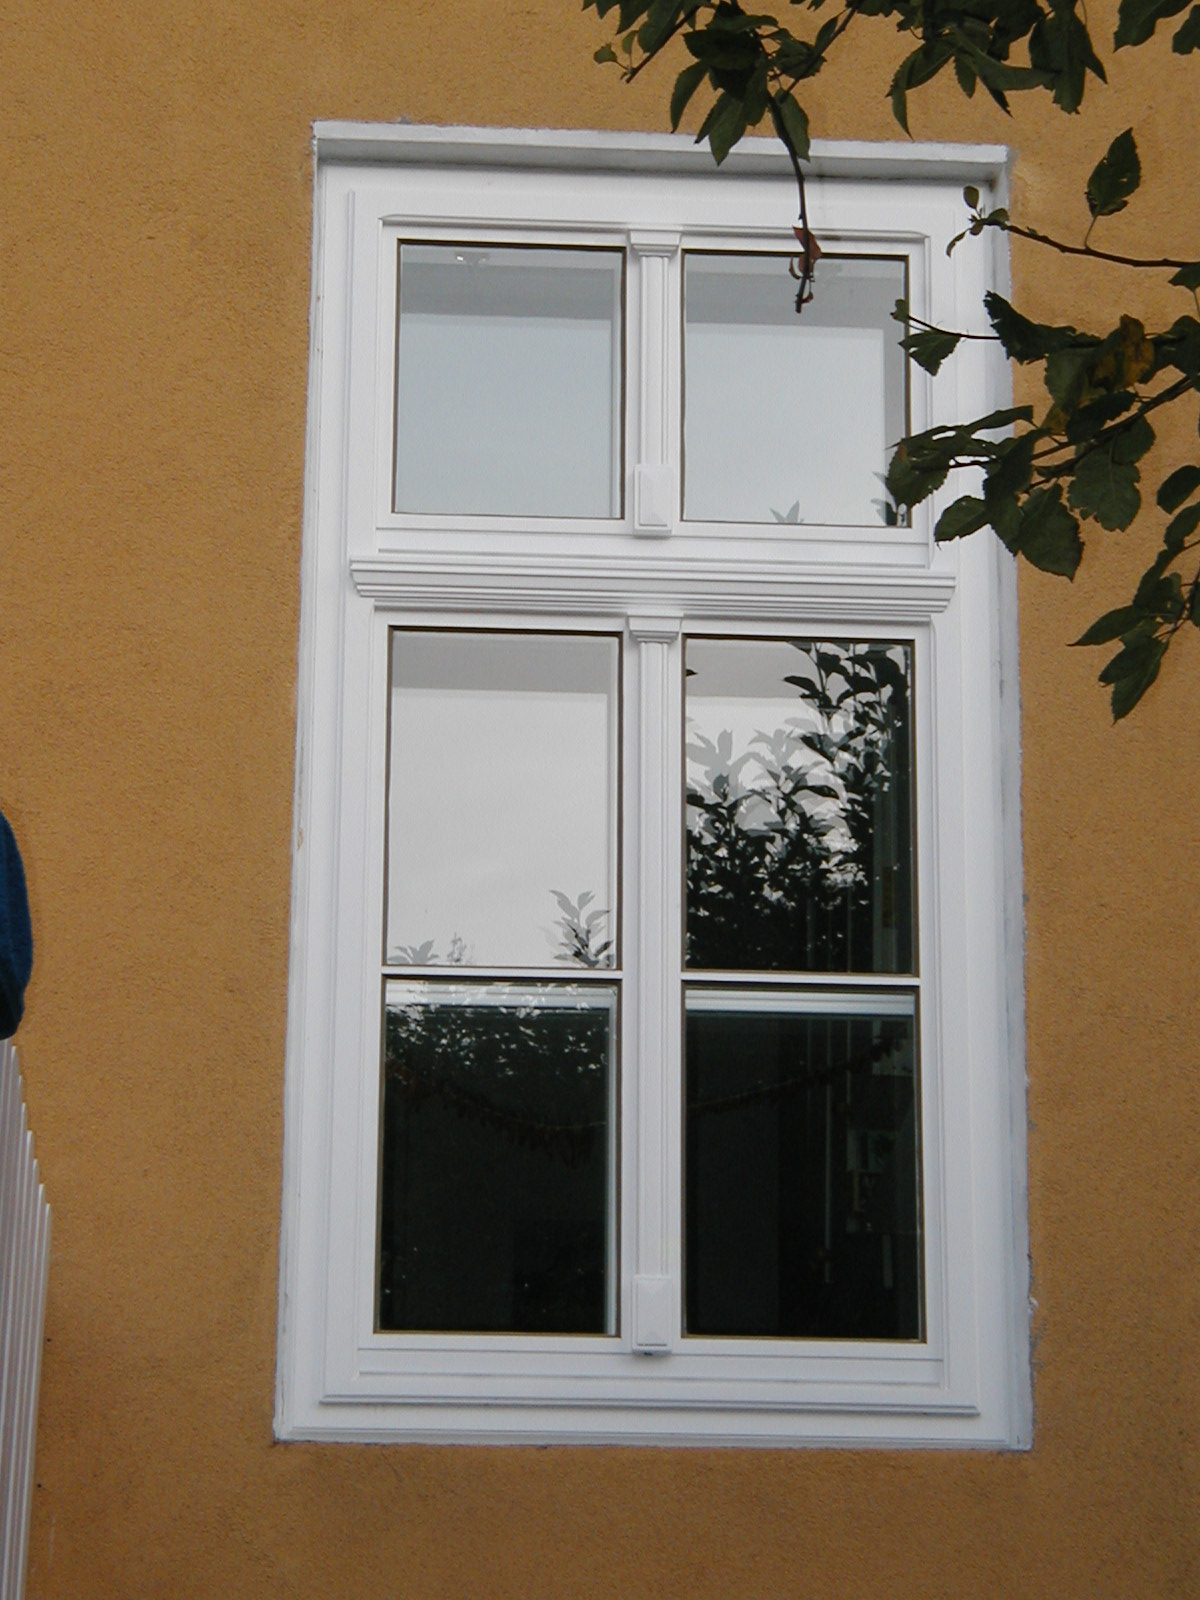 Full Size of Fenster Tauschen Trika Drehkipp Kastenfenster Das Ultimative Althaus Neue Einbauen Standardmaße Sonnenschutz Außen Drutex Fliegengitter Rahmenlose Mit Fenster Fenster Tauschen